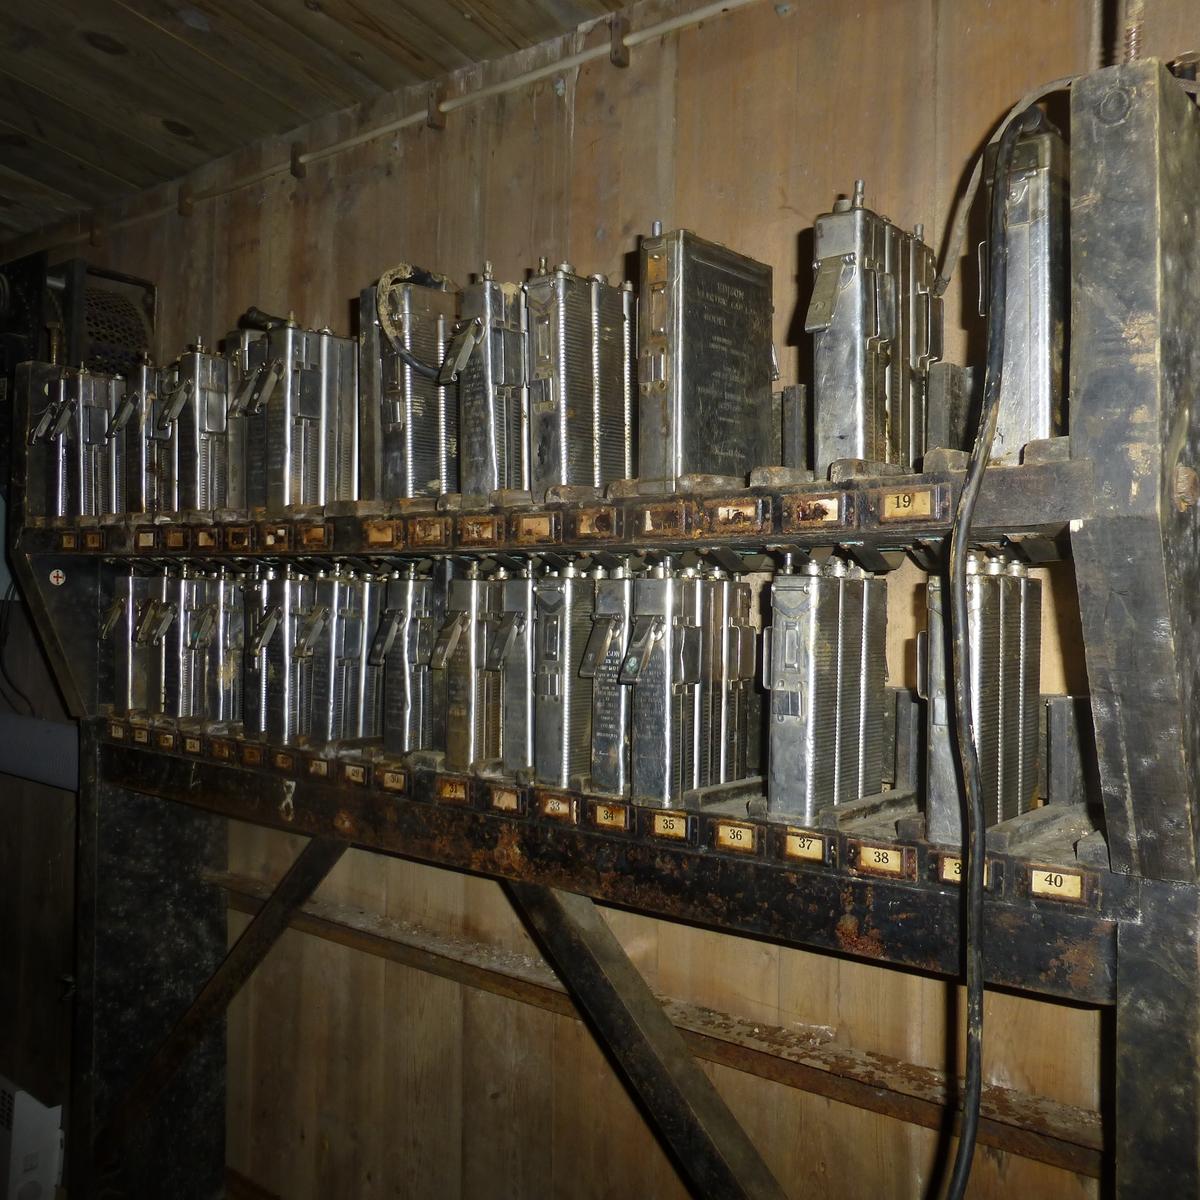 Olavsgruva består av Nyberget gruve, som var i drift 1650–1717, 1861–1891, 1906–1914, og Olavsgruva, som var i drift fra 1936 til 1972. Olavsgruva var kobberverkets siste gruve i Storwartzfeltet. Idag er Olavsgruva og Nyberget besøkgruve med guidede omvisninger.